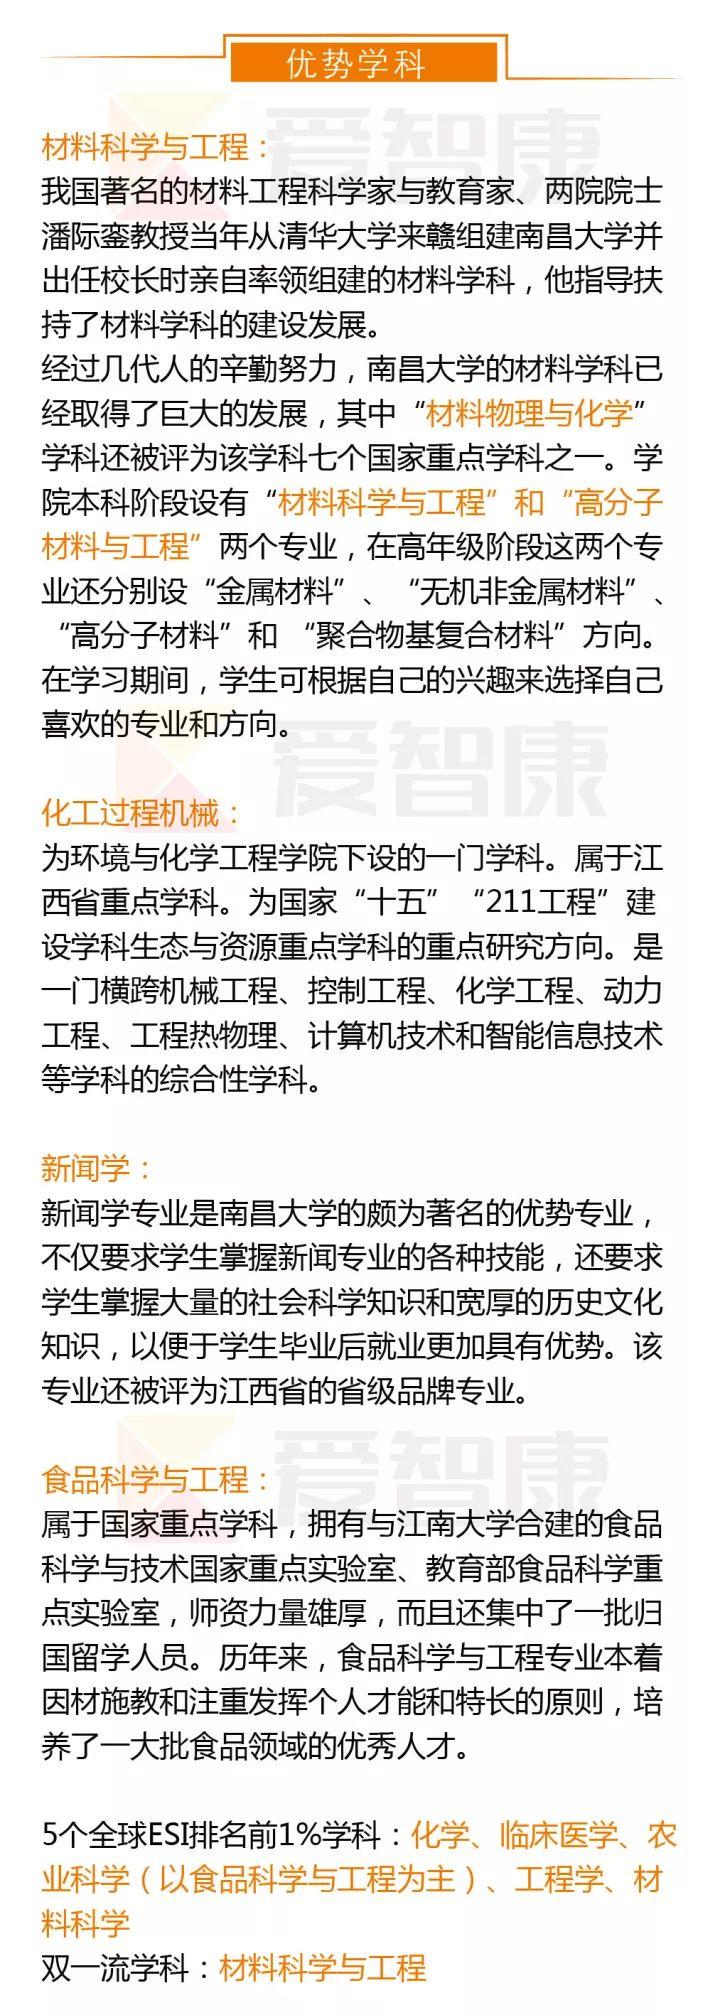 南昌大学优势学科